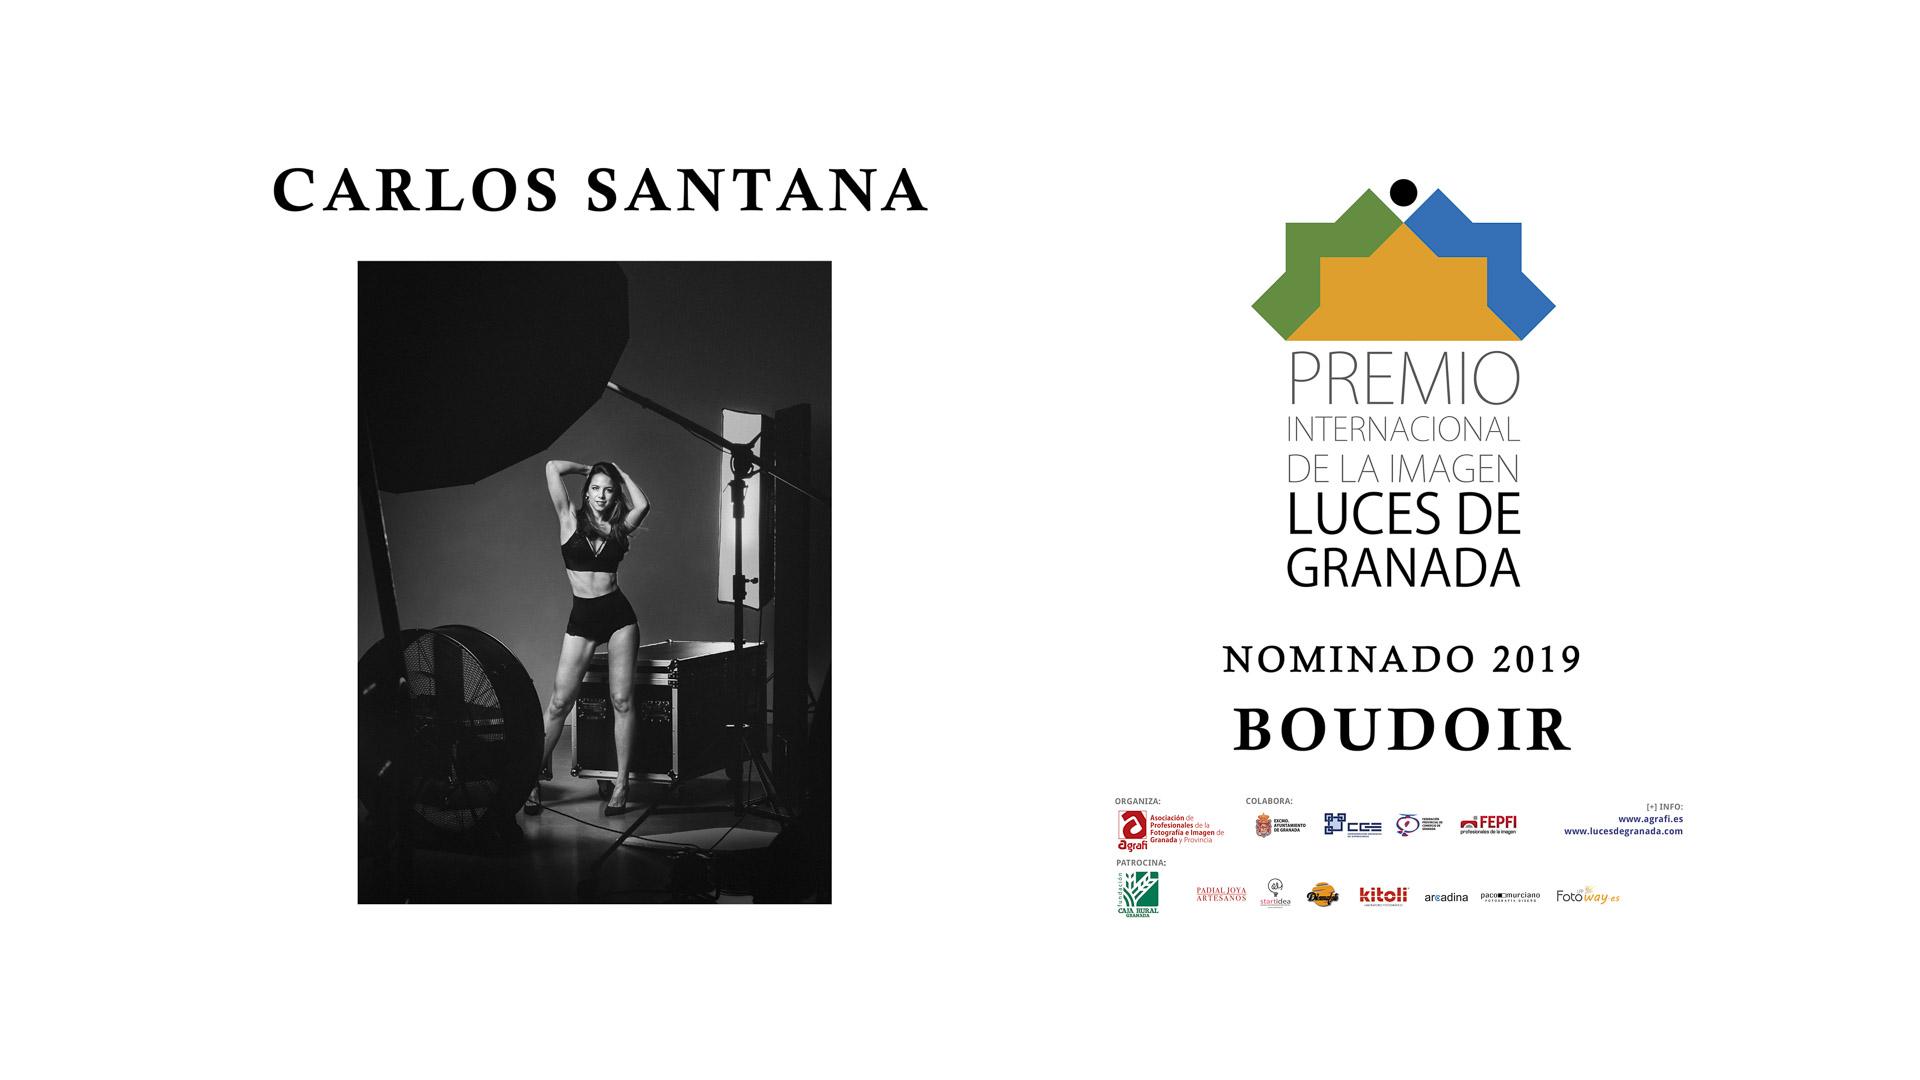 BD05_CARLOS SANTANA